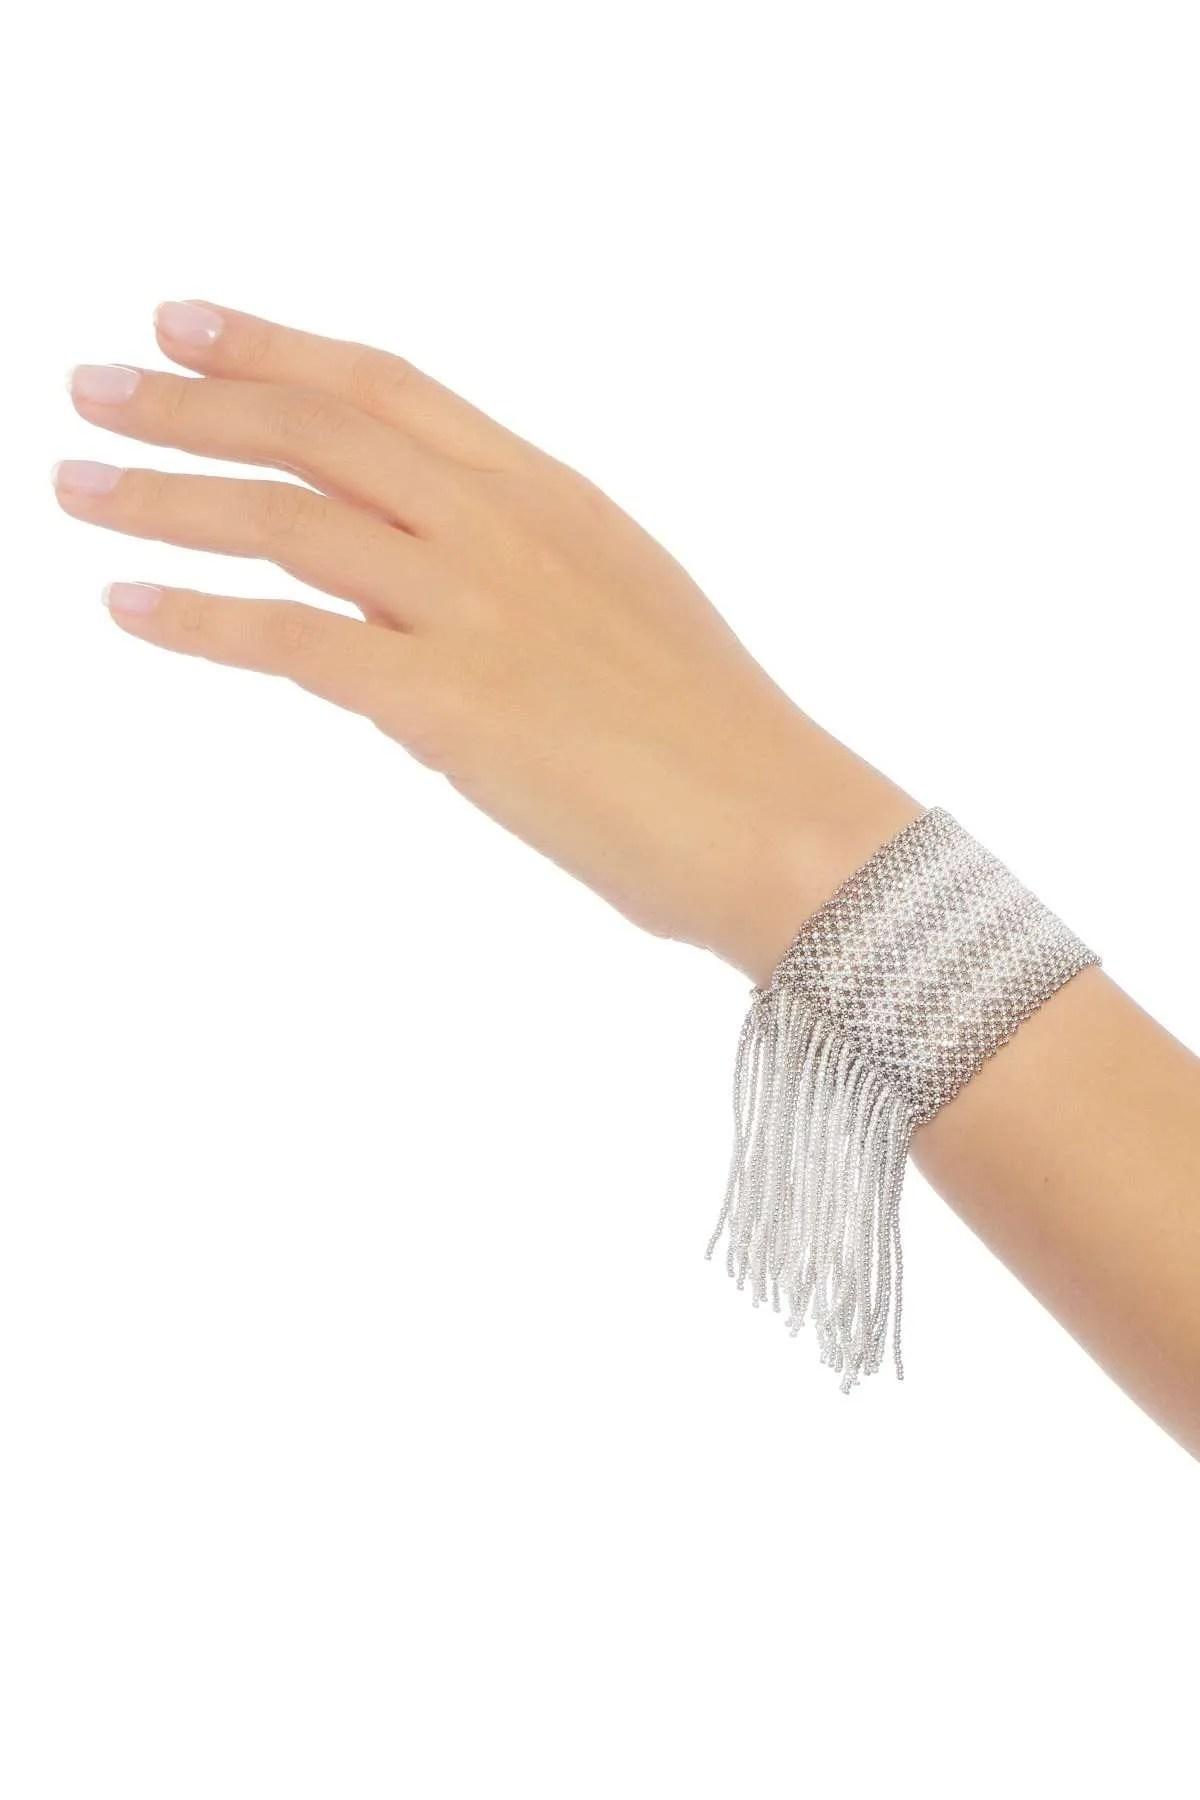 012-brazalete-kuu-tau-tiras-plata-platino-alt1